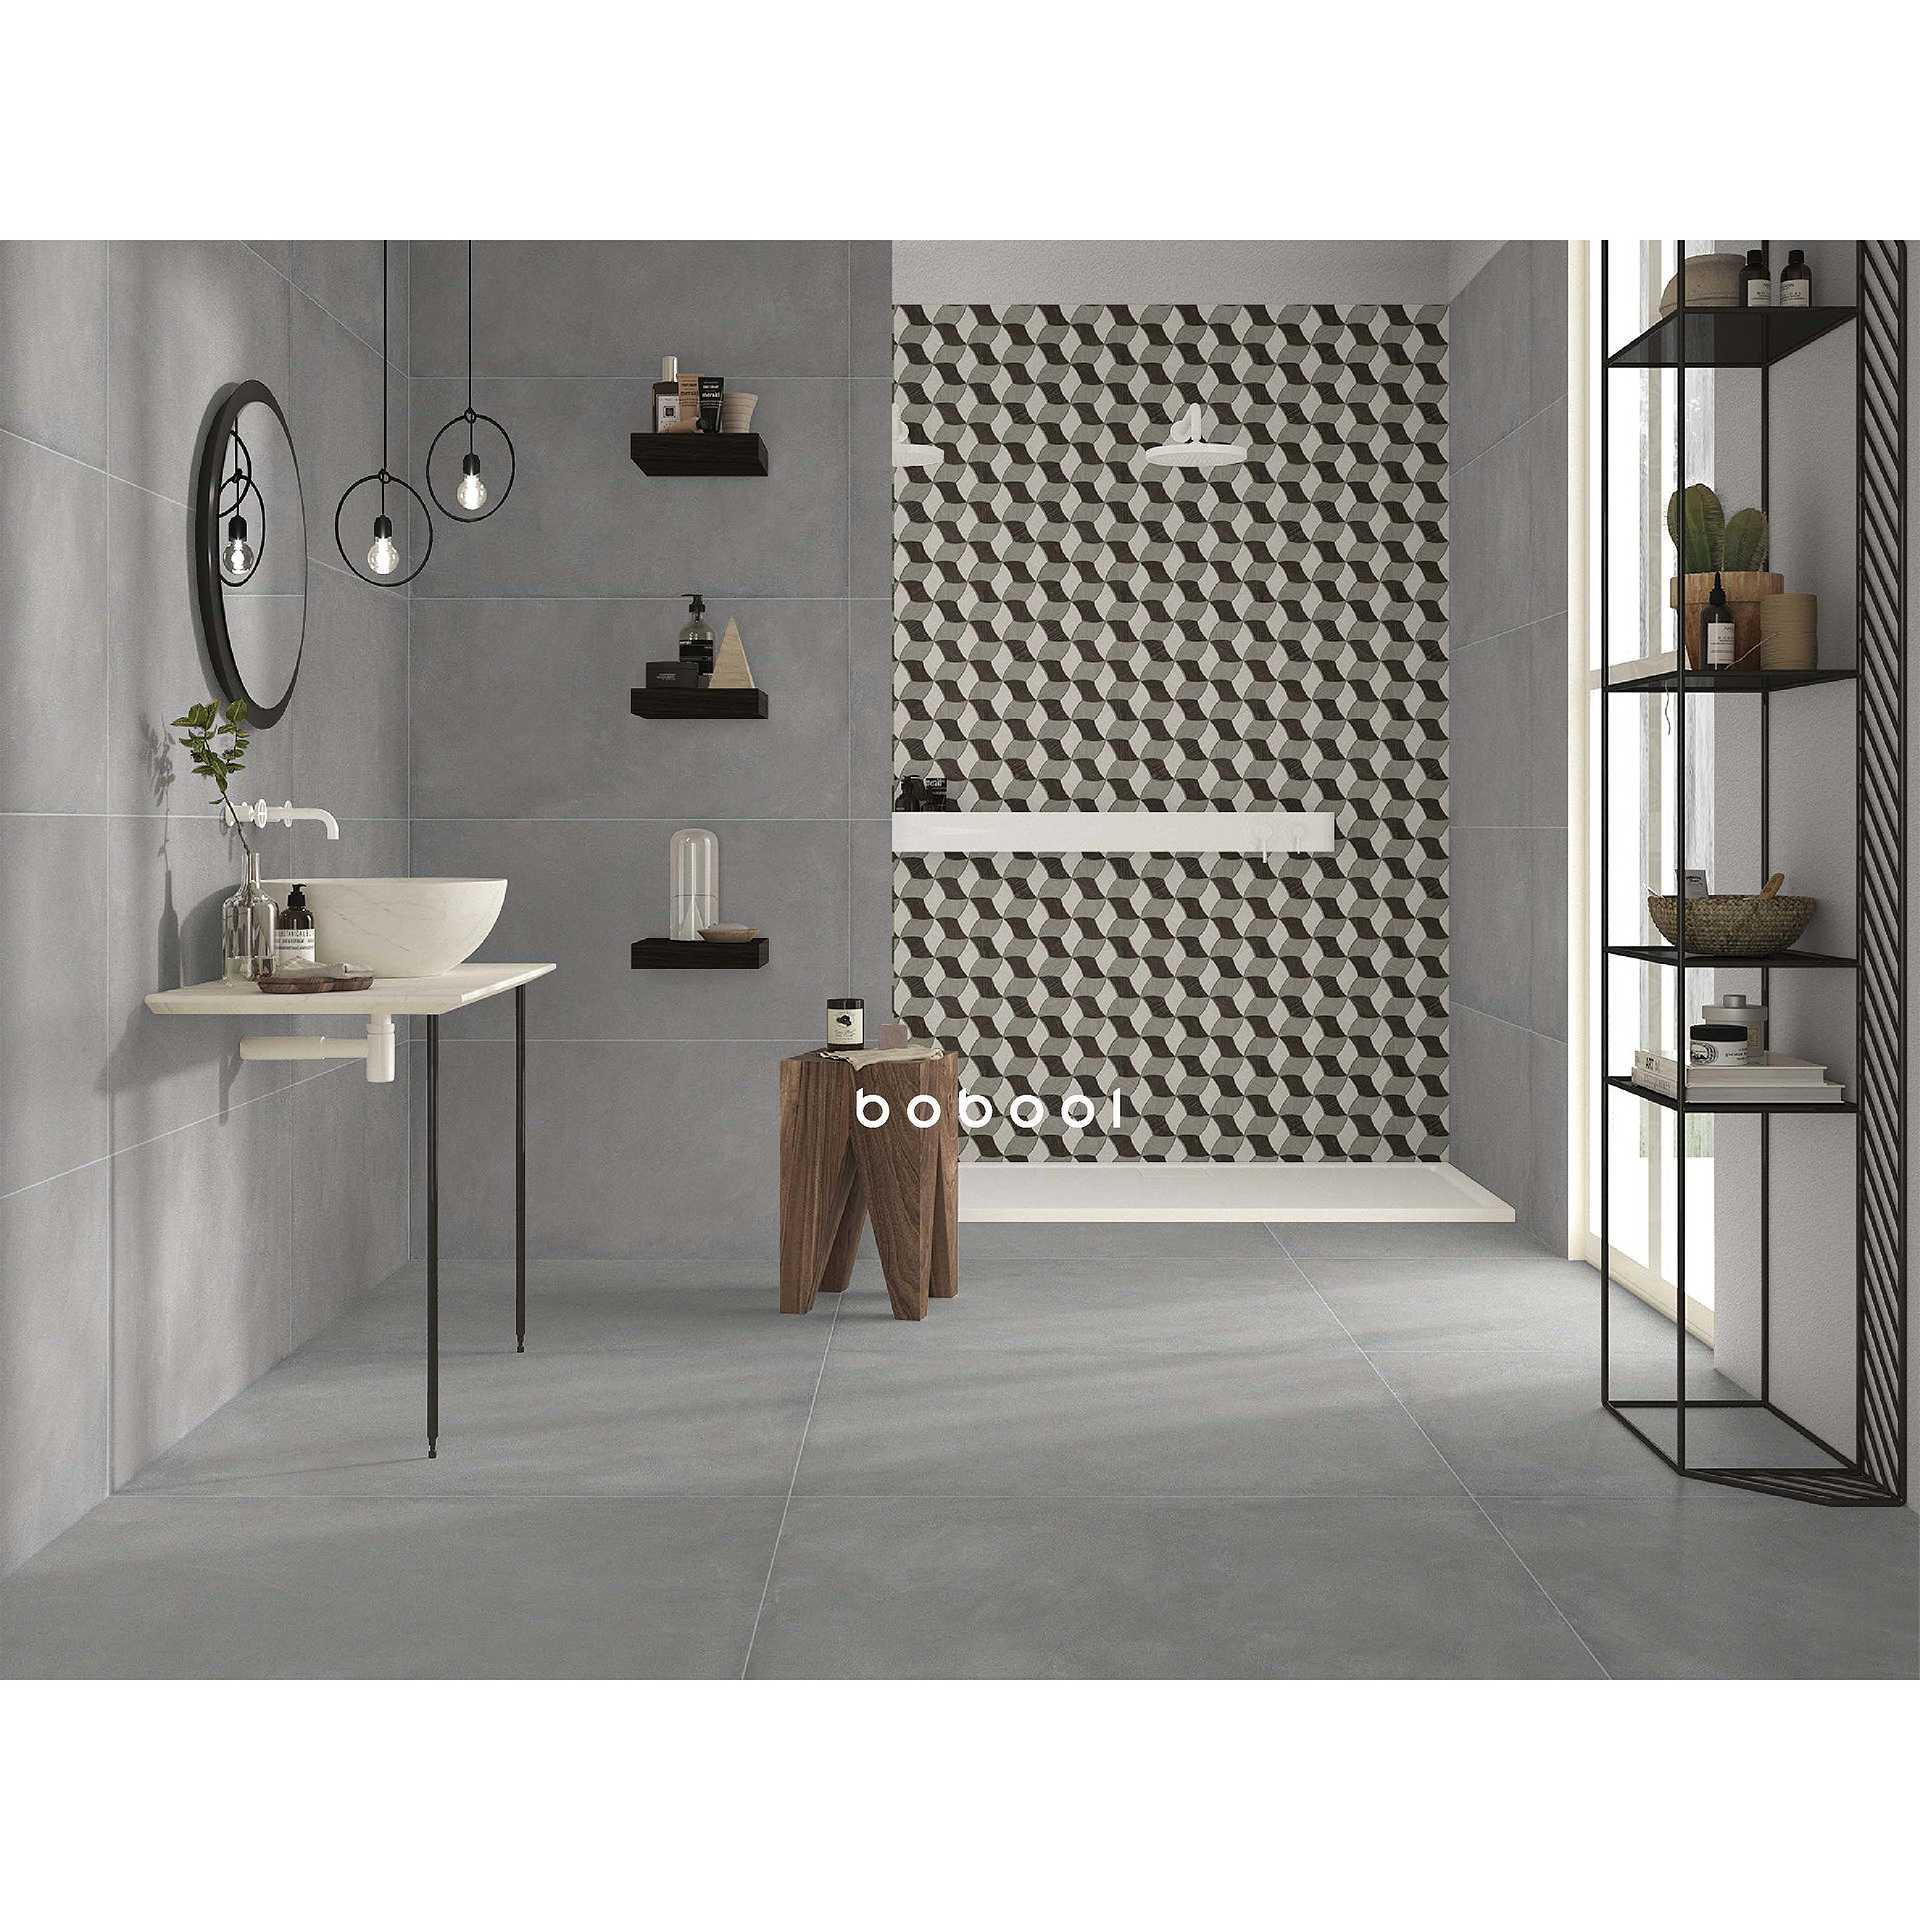 Gres Porcellanato Smaltato Caratteristiche gres porcellanato effetto resina grigia 90x90 cm - comfort_r